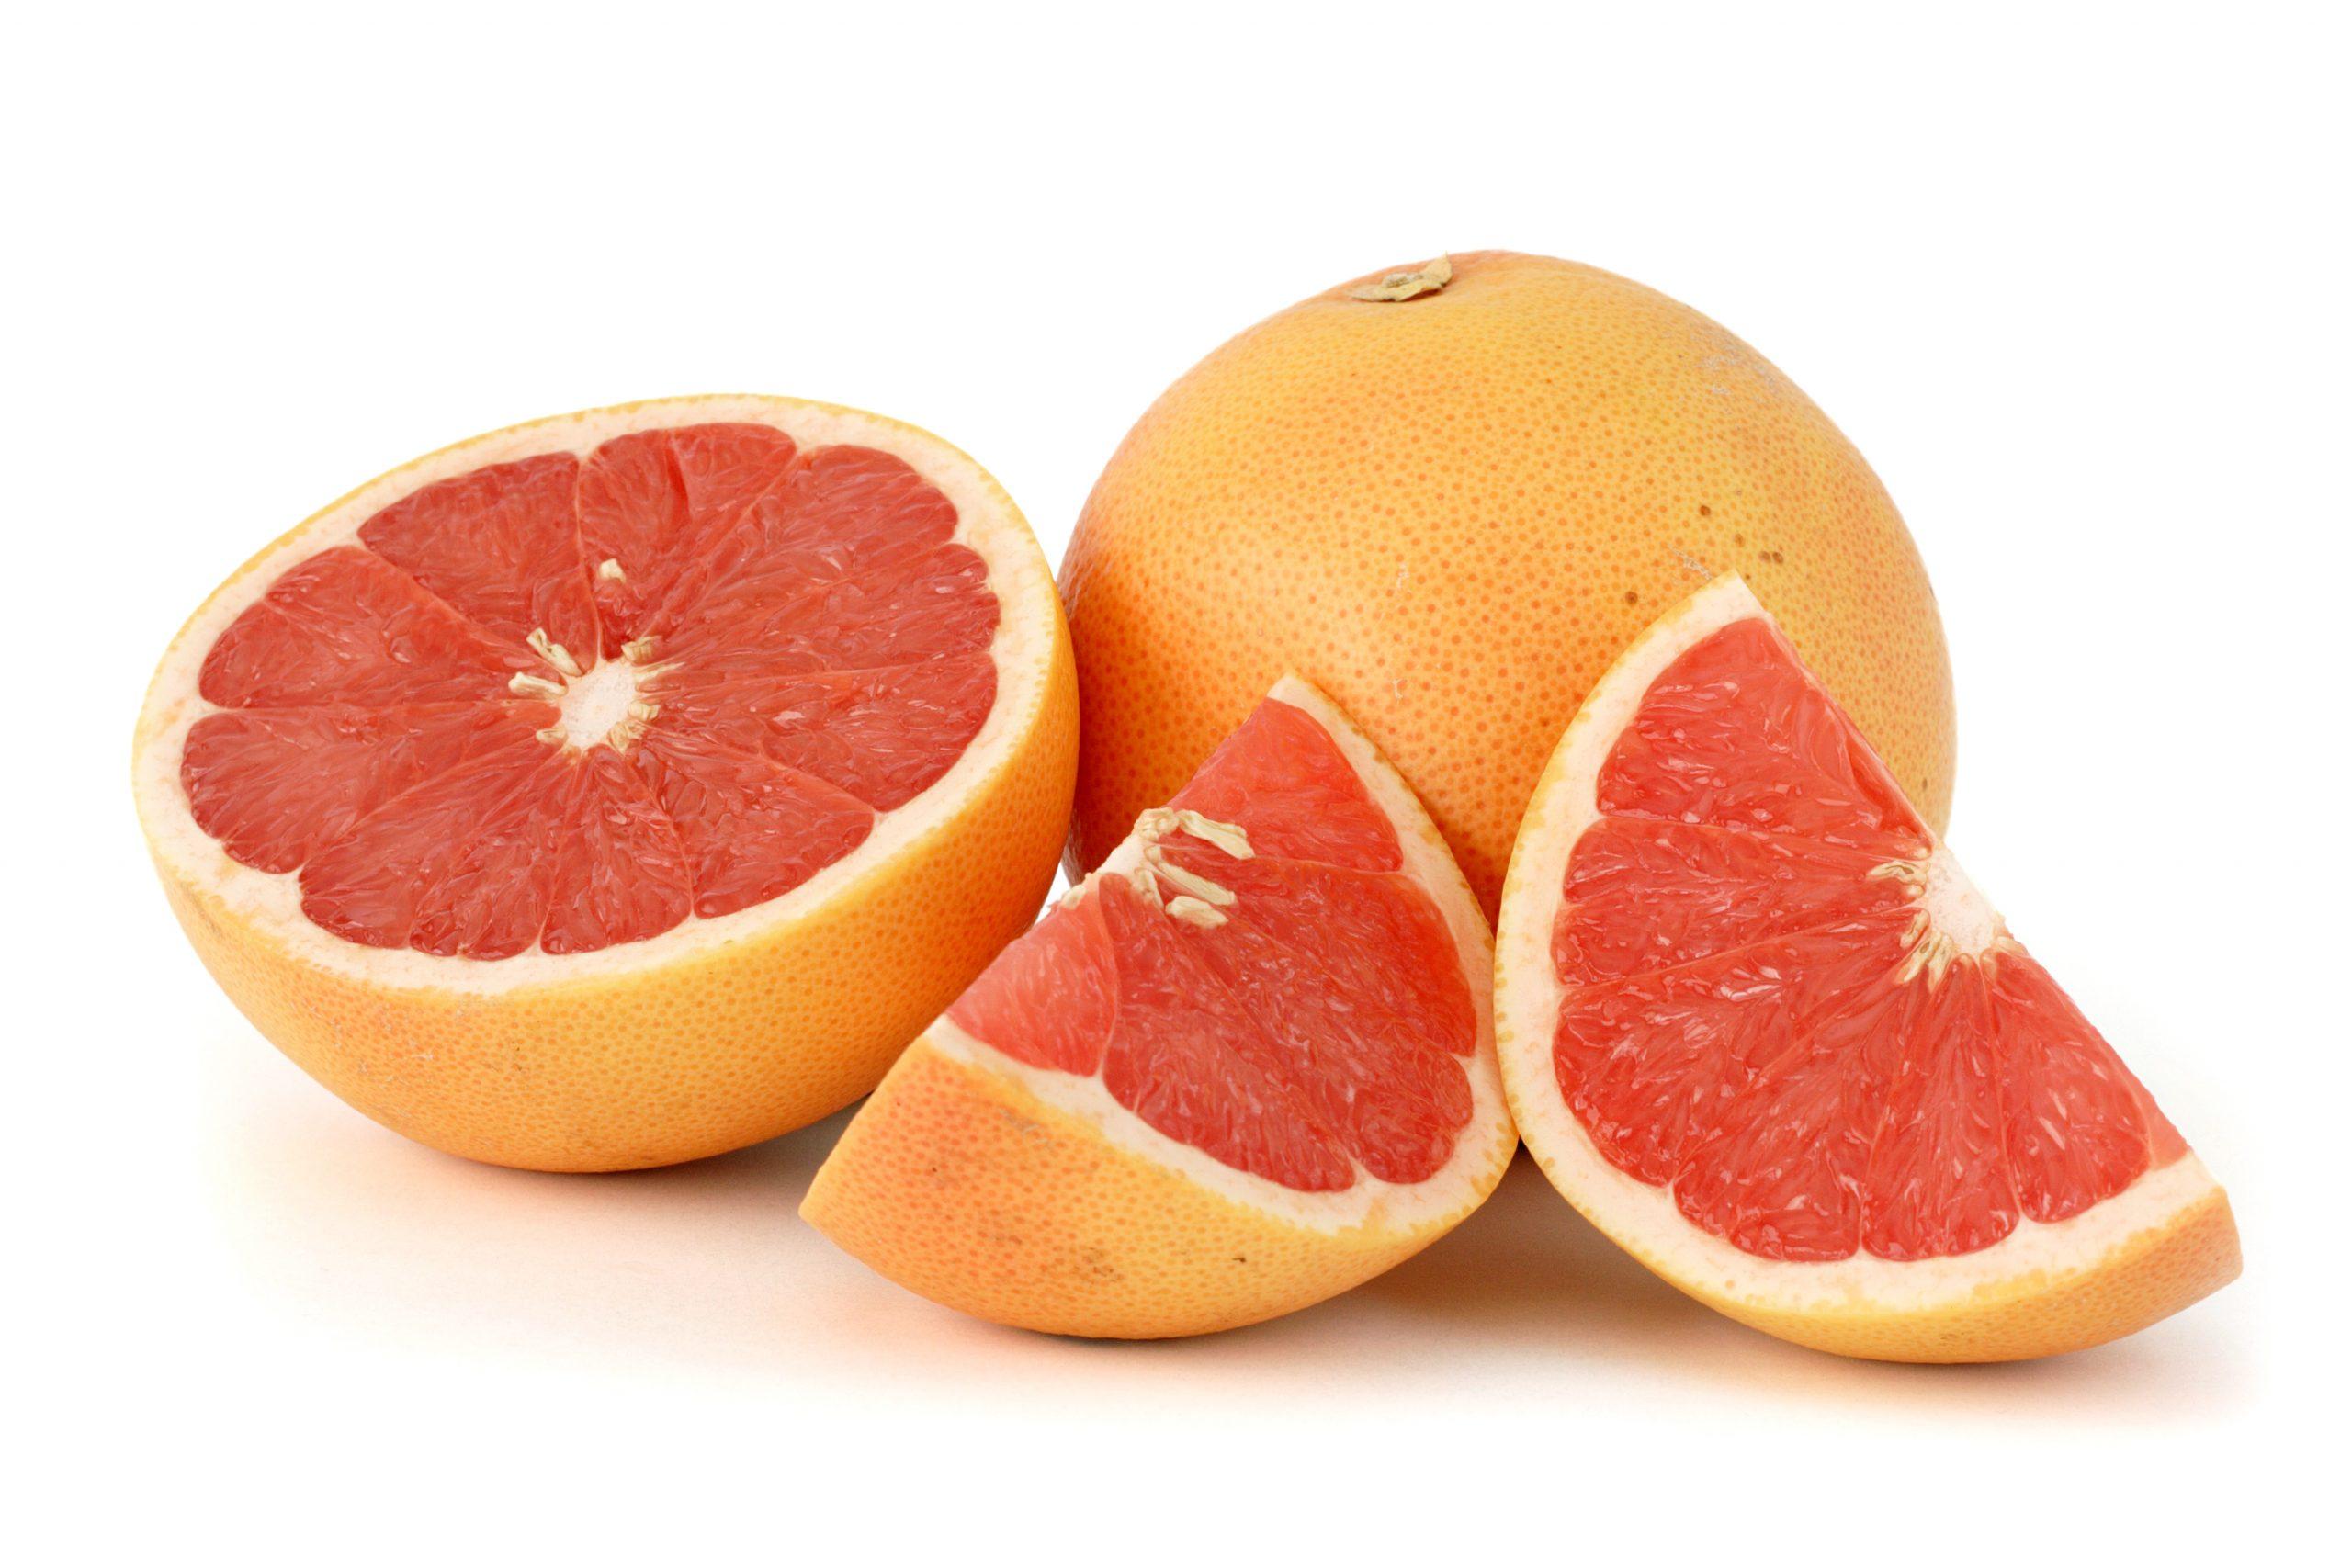 ส้มโอ ดีท็อกซ์ผลไม้  Grapefruit